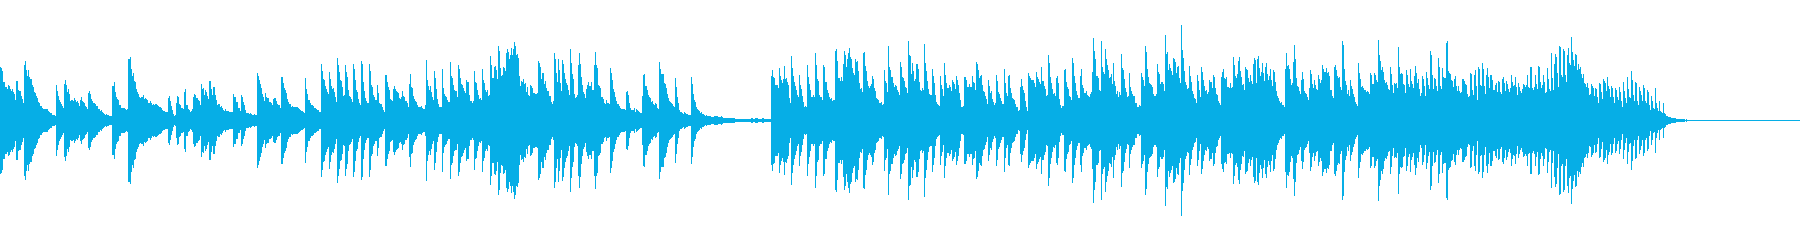 高音・低音が心に入るピアノBGMの再生済みの波形